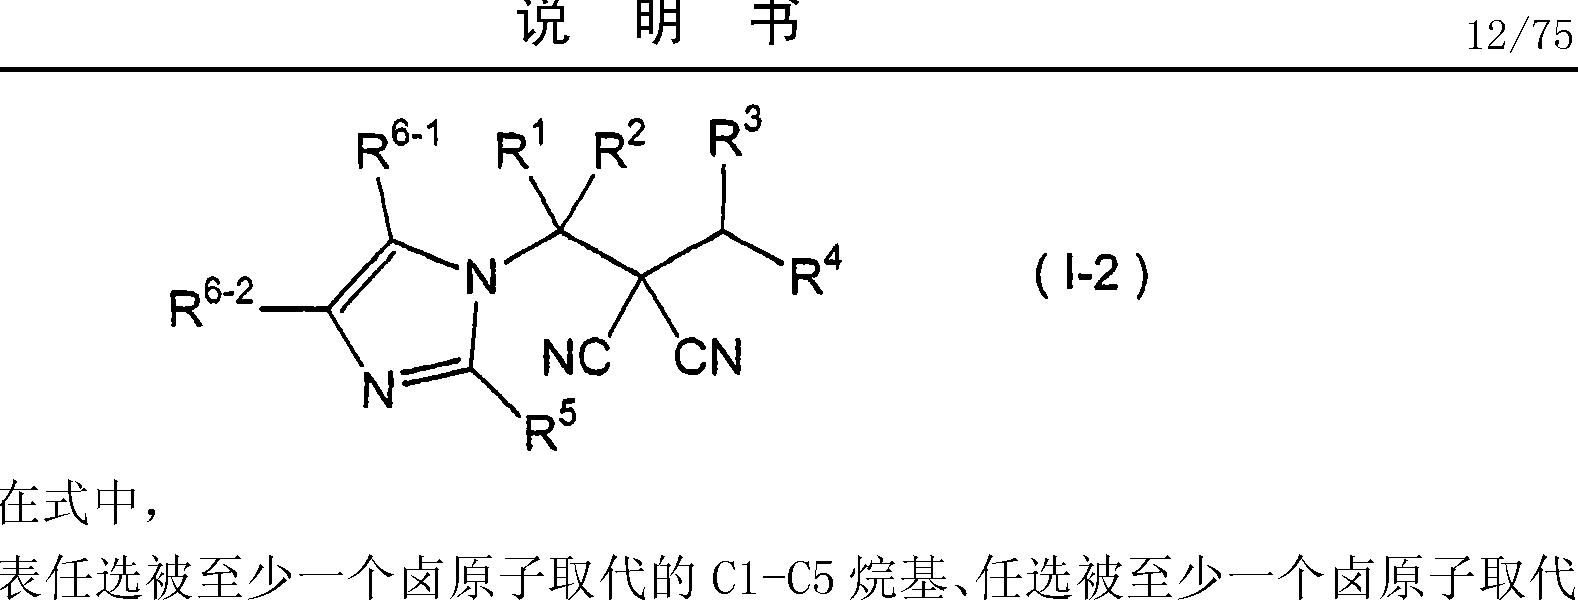 Figure CN101544606BD00141